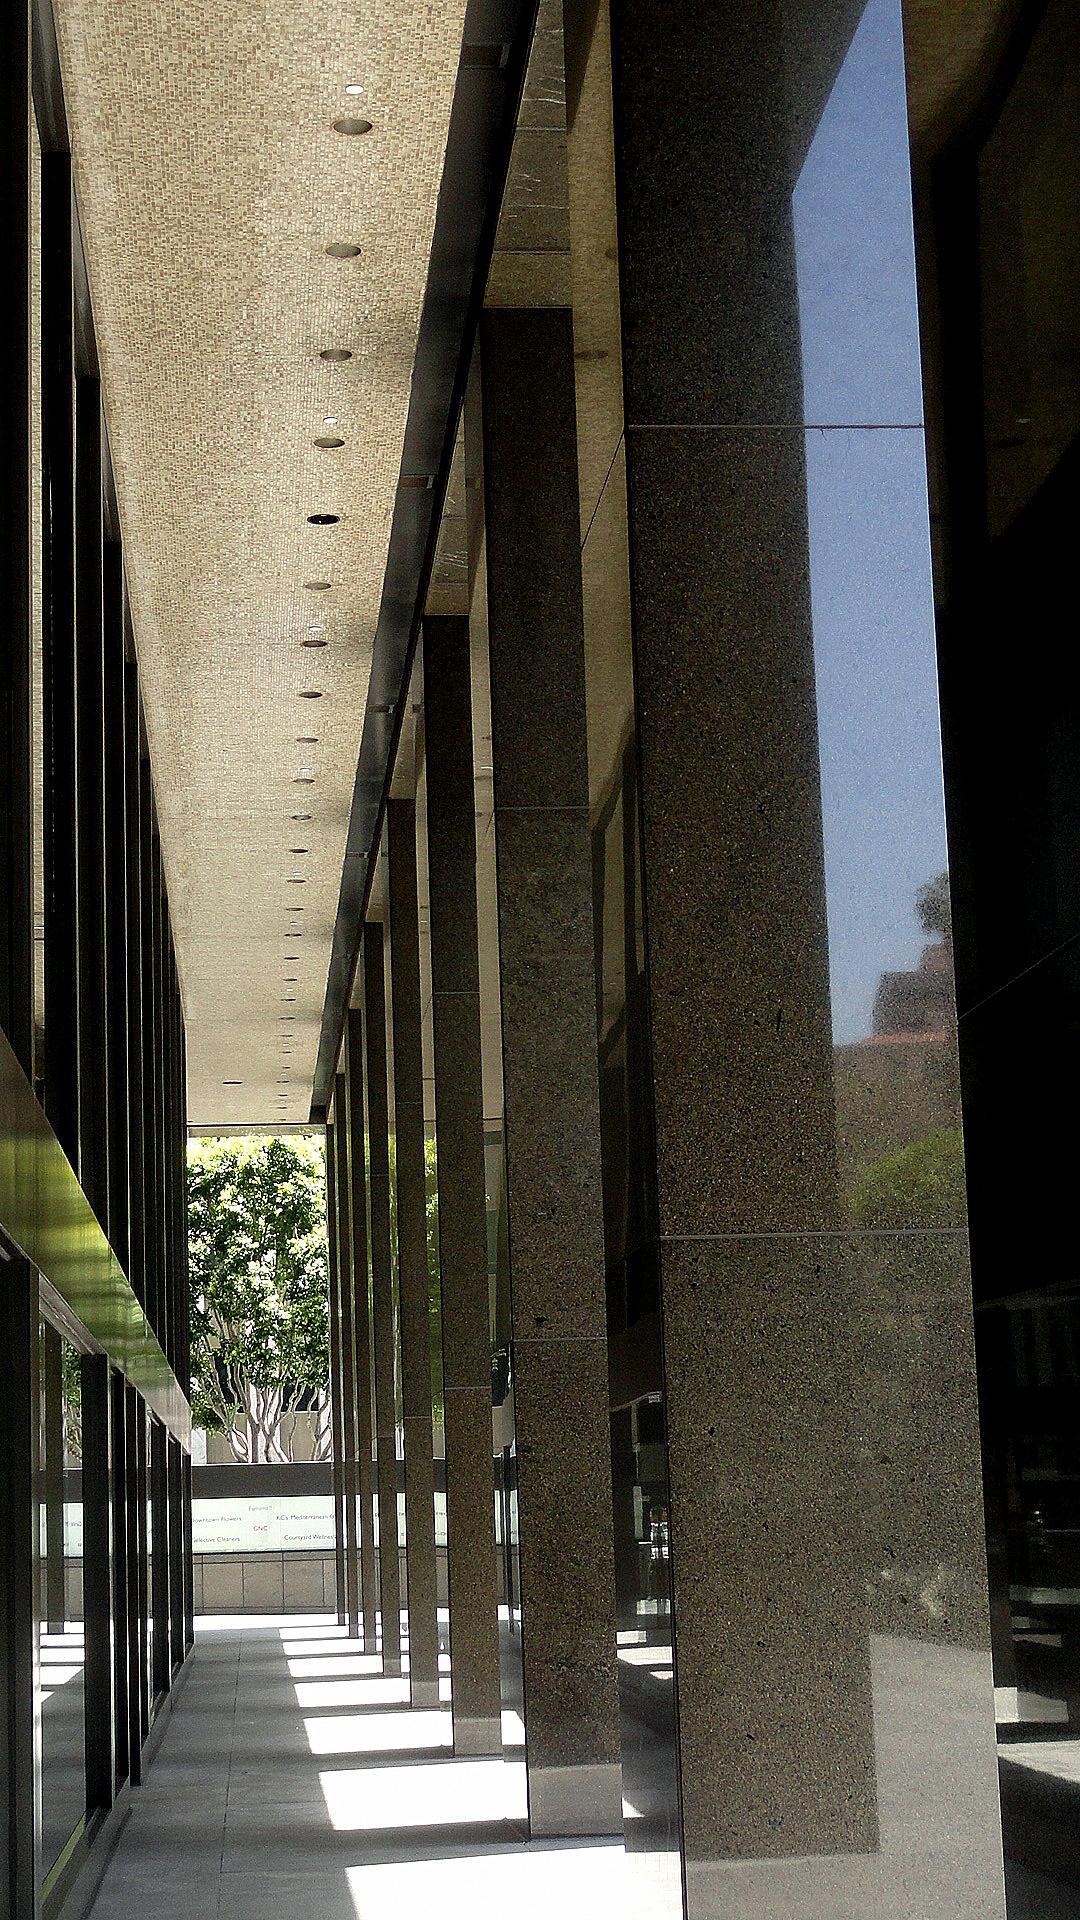 DT Buildings Columns